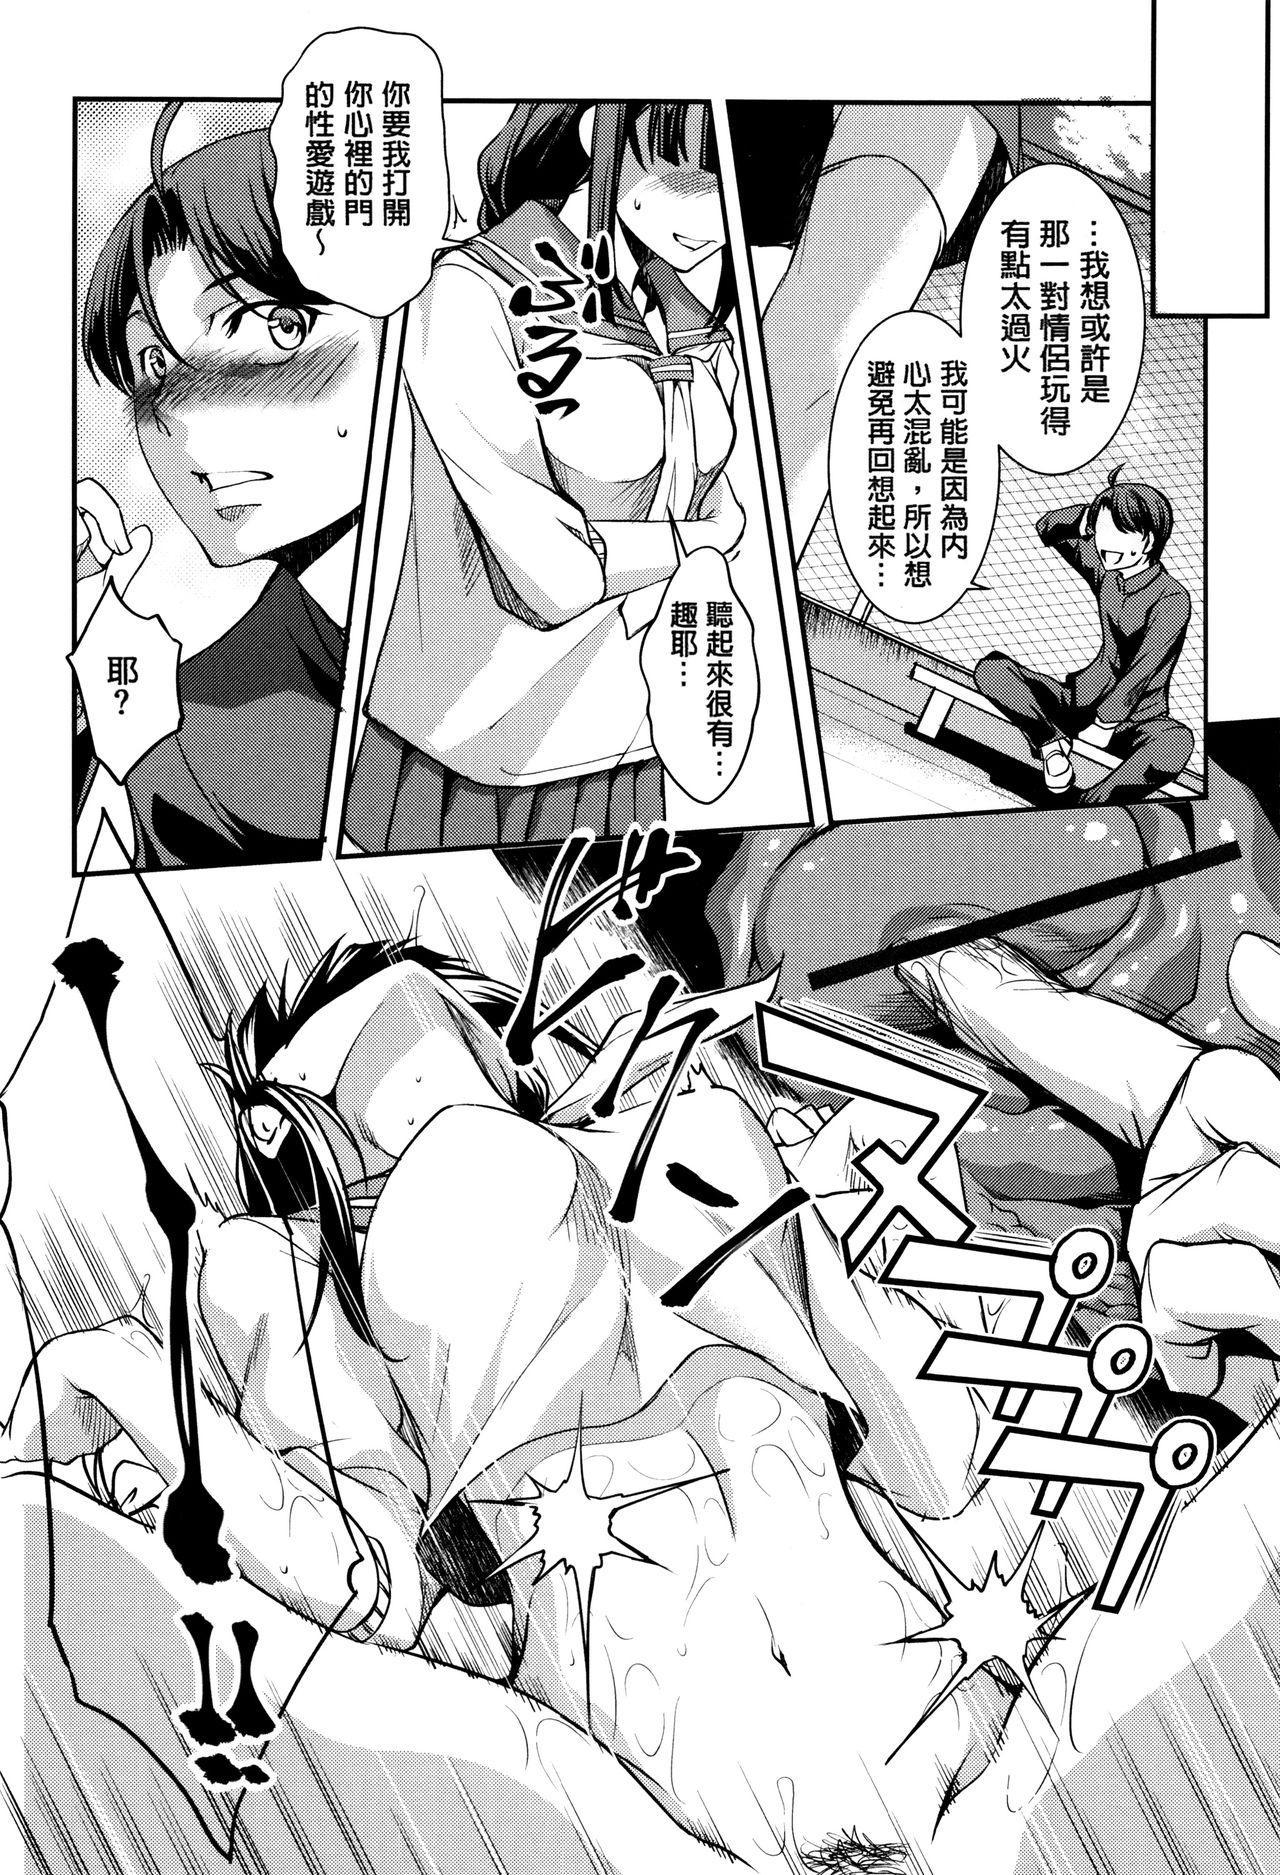 Shikyuu Yuugi 52